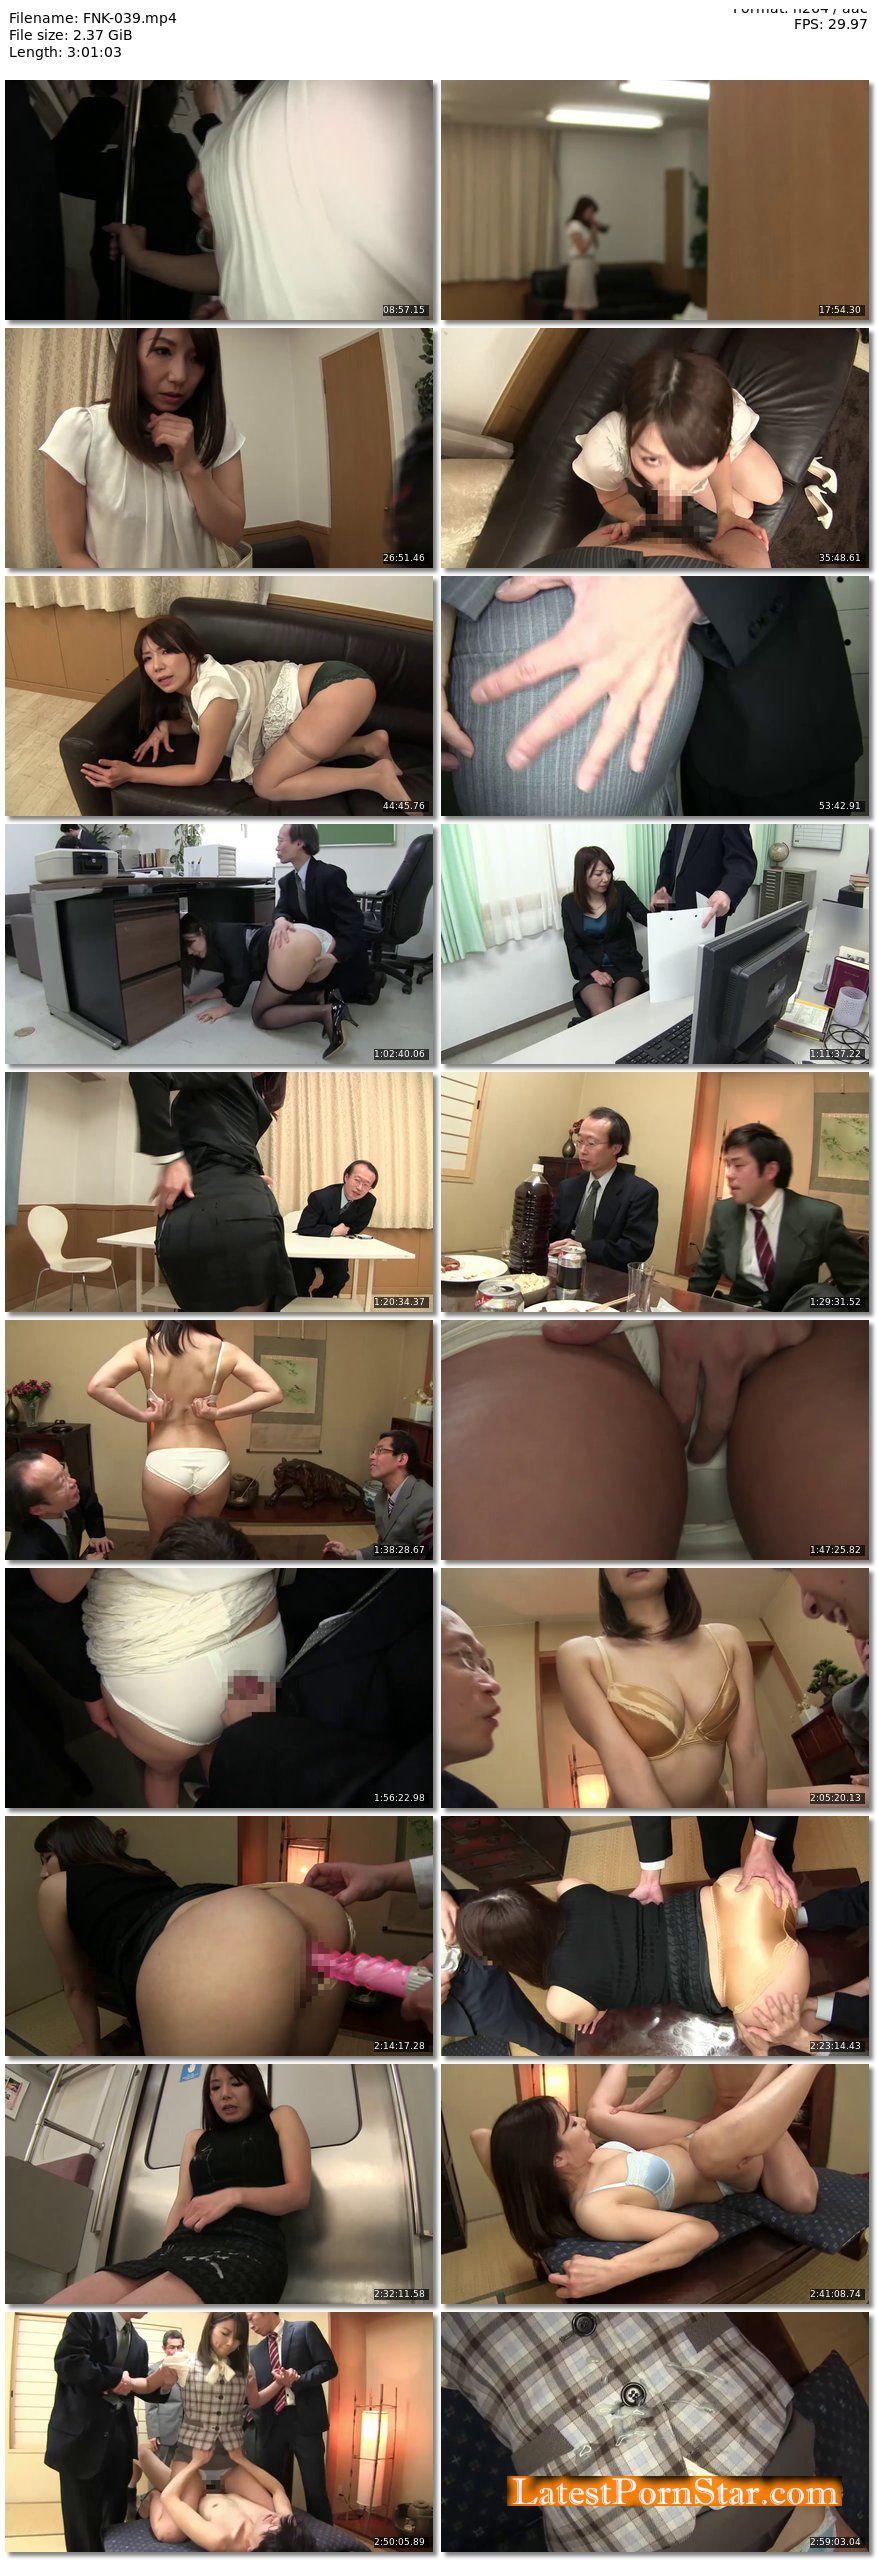 [FNK-039] スカートスーツ vs. パンツスーツ ぶっかけショールーム 女社長の美麗スーツ・片瀬仁美